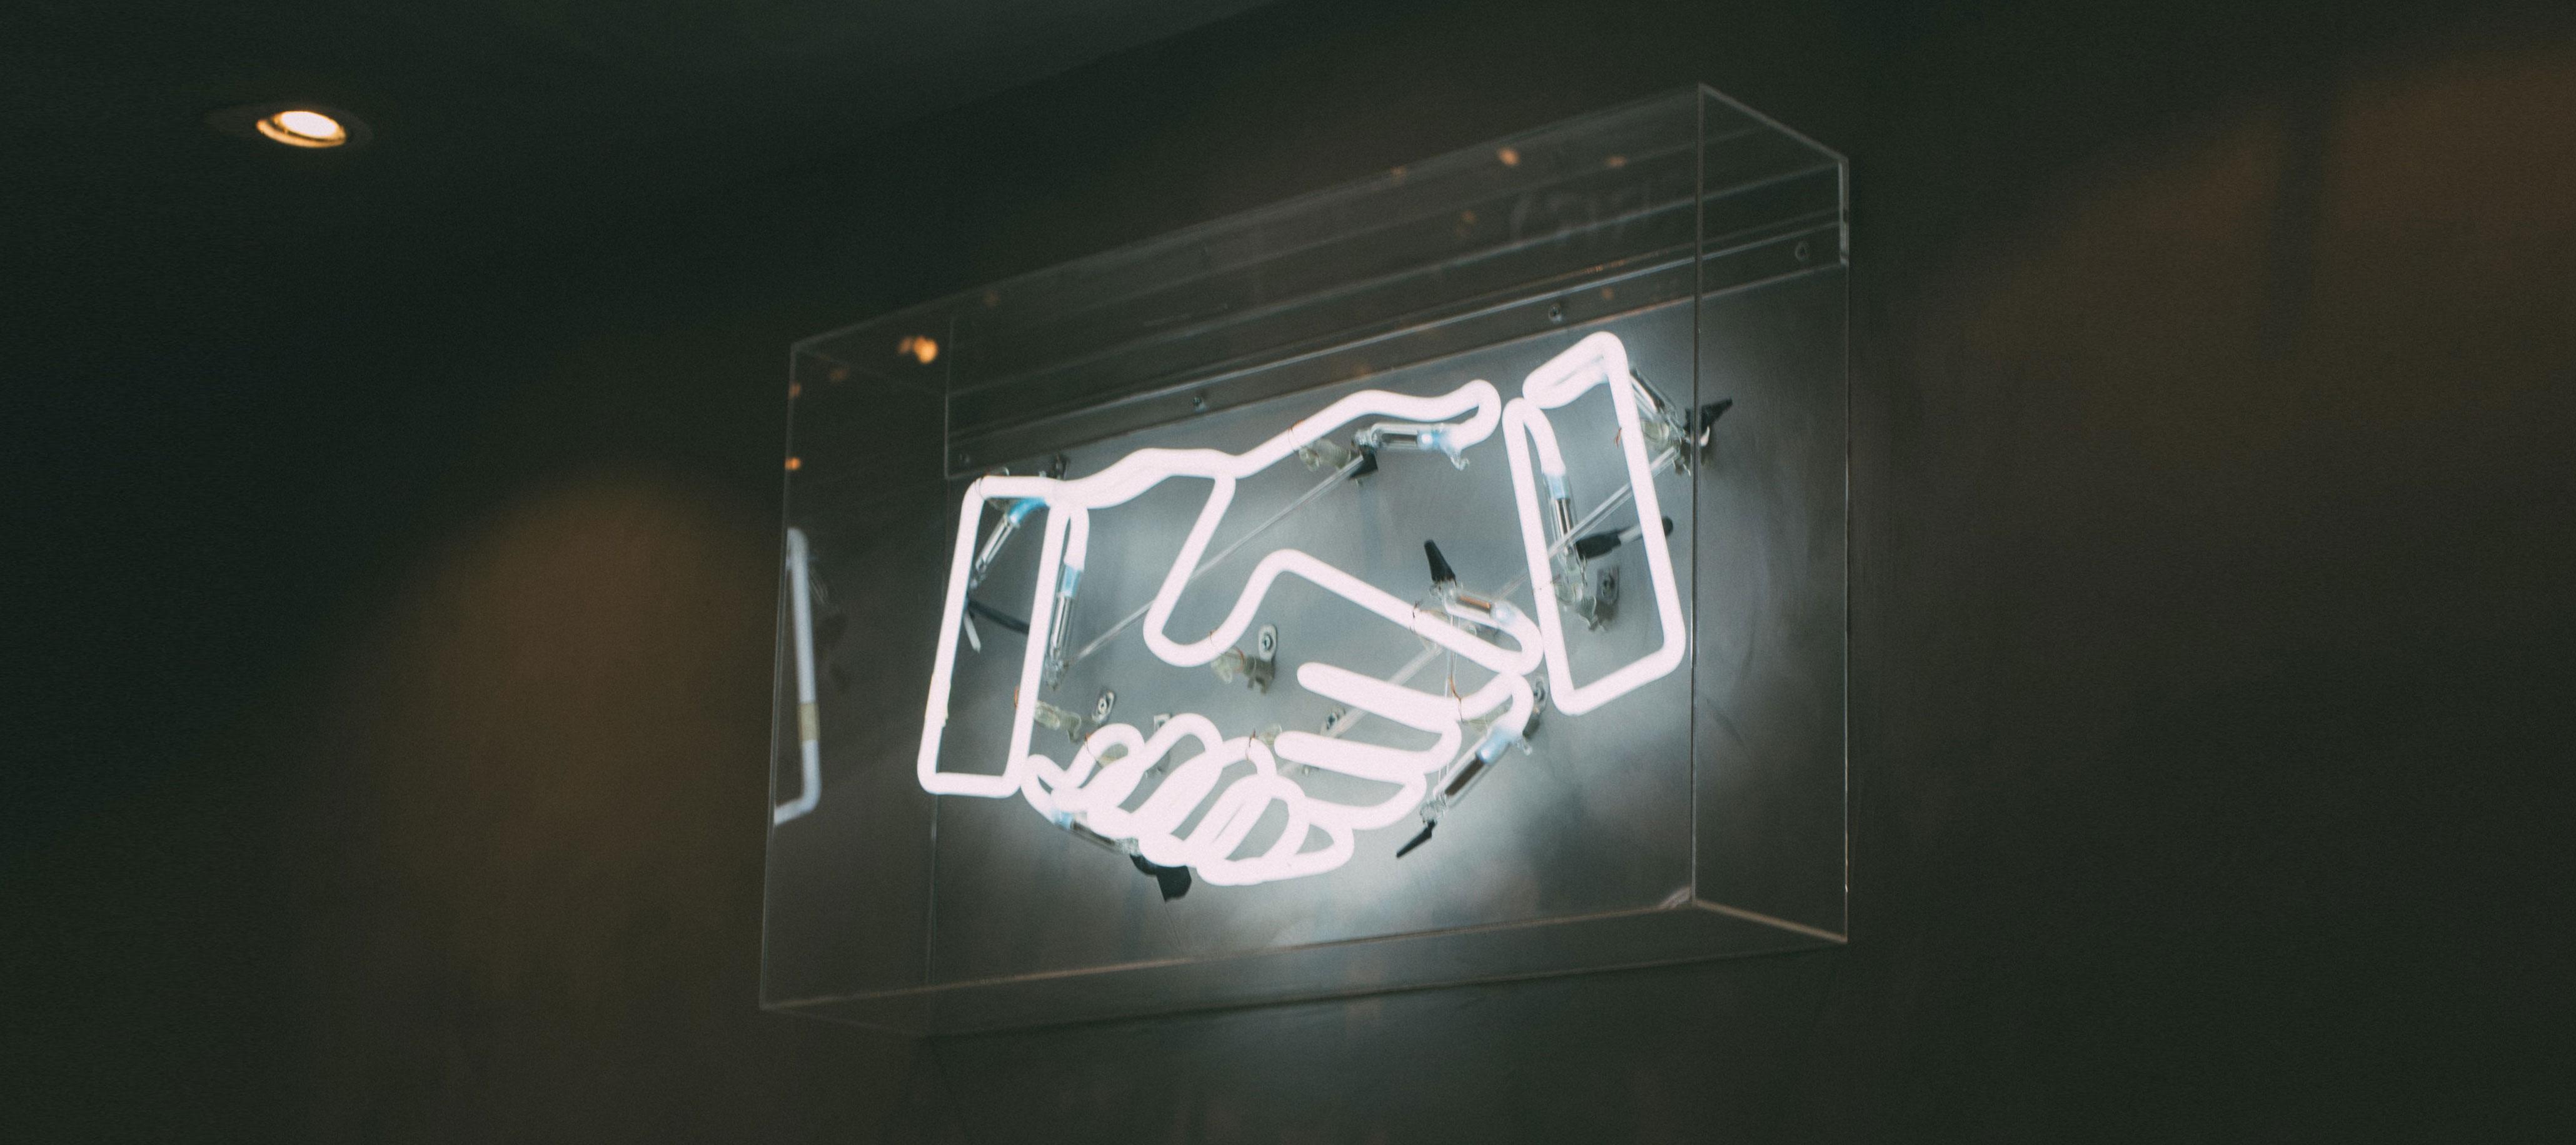 heroic-fundraising-blog-featured-image-handshake